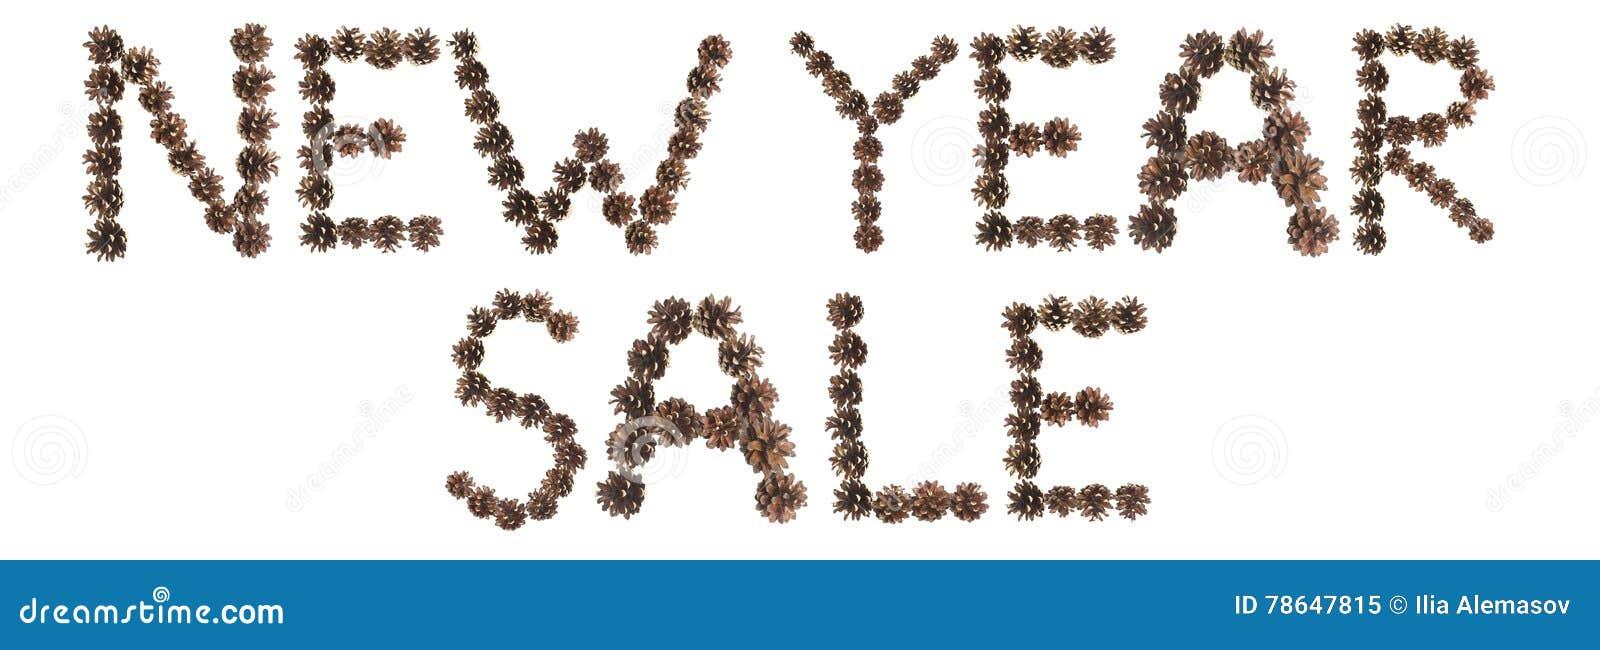 Expression de vente de nouvelle année faite en cône de pin